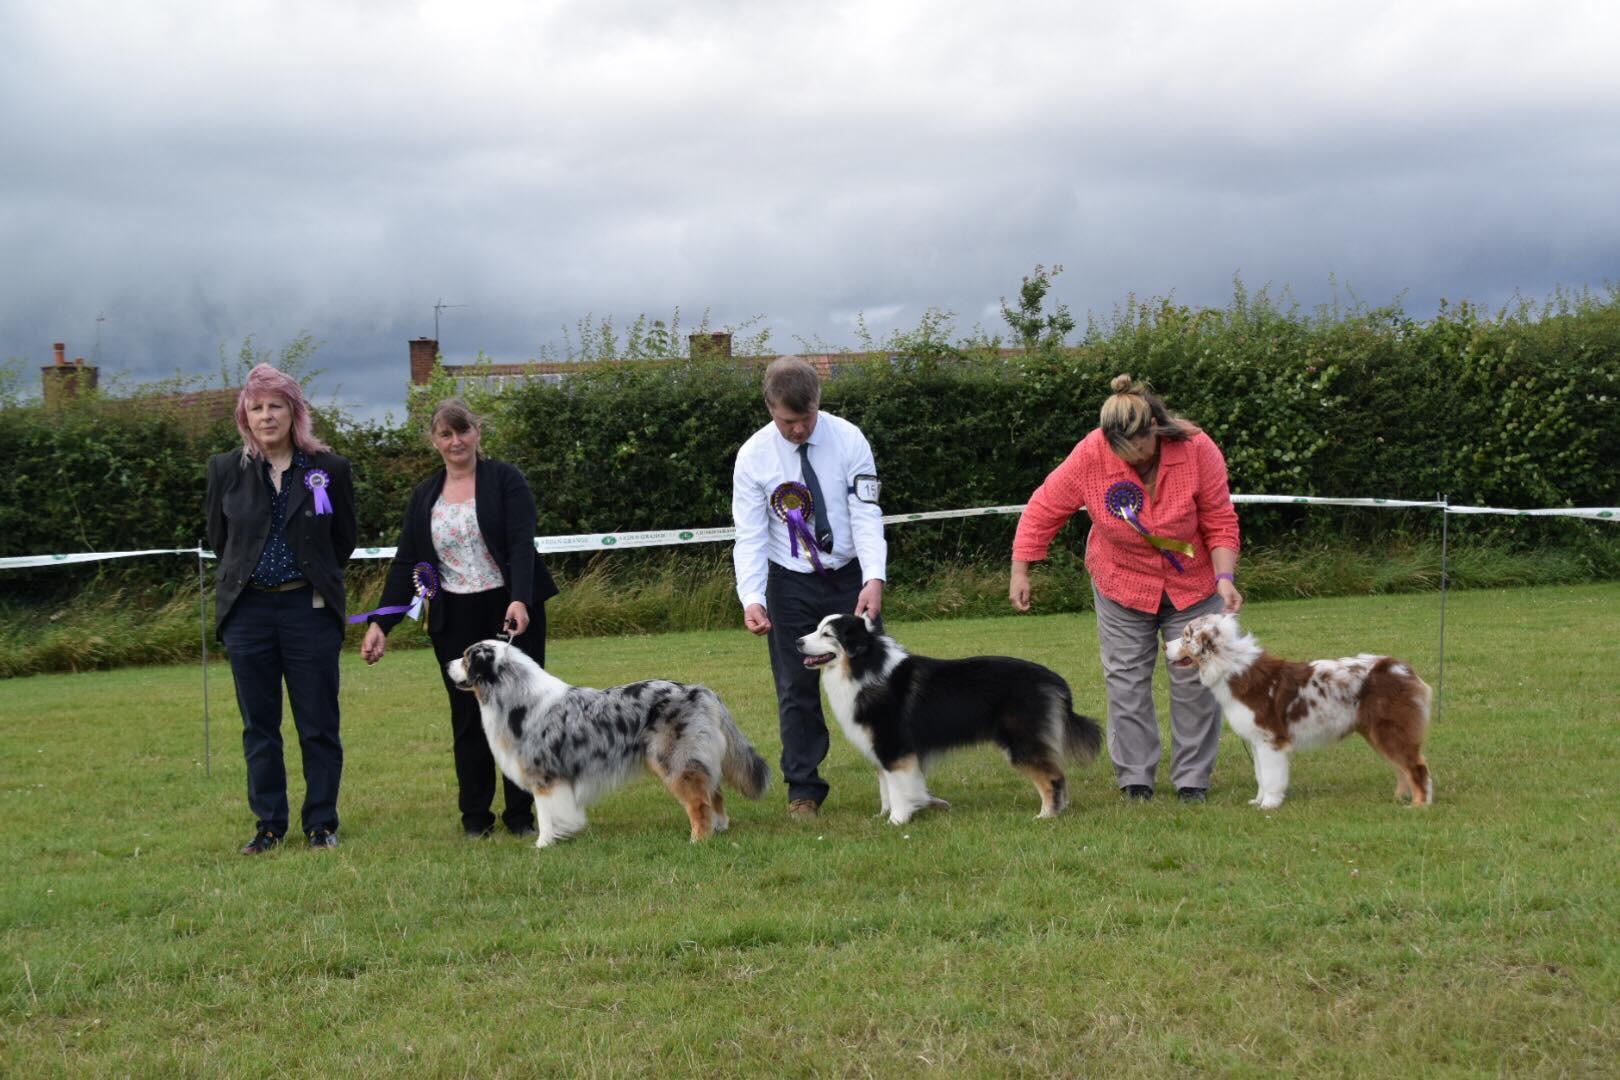 Best Dog, Reserve Best Dog/Best Veteran Dog, Best Puppy Dog